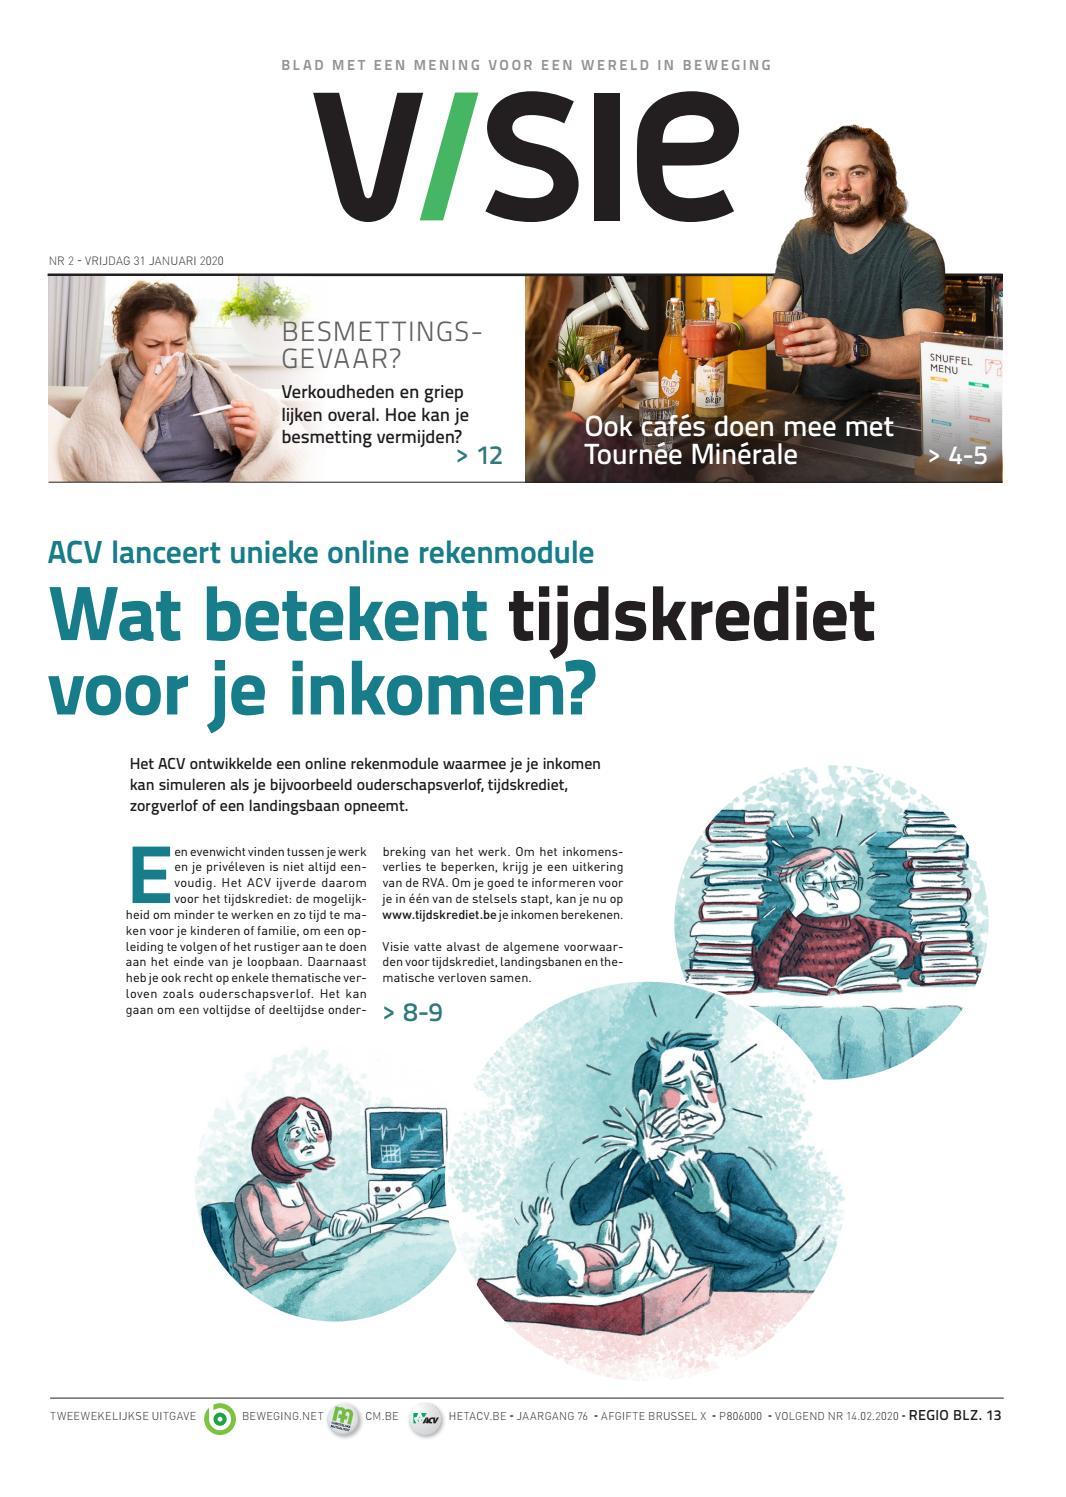 diabetes tipo 2 artikkel vluchtelingen